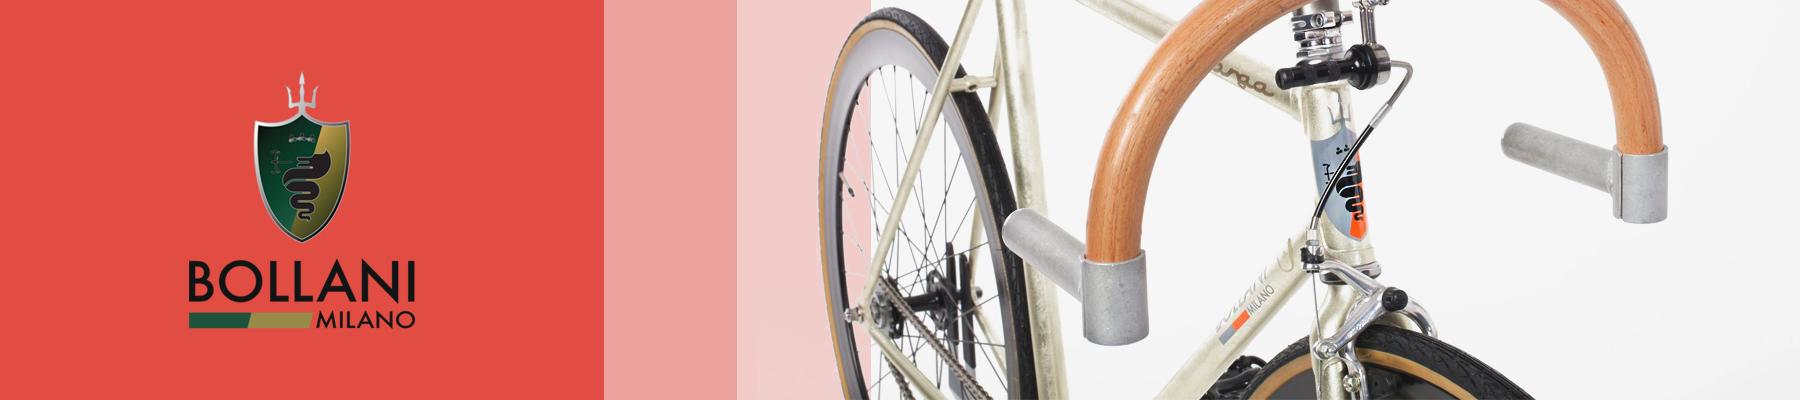 Bollani Biciclette